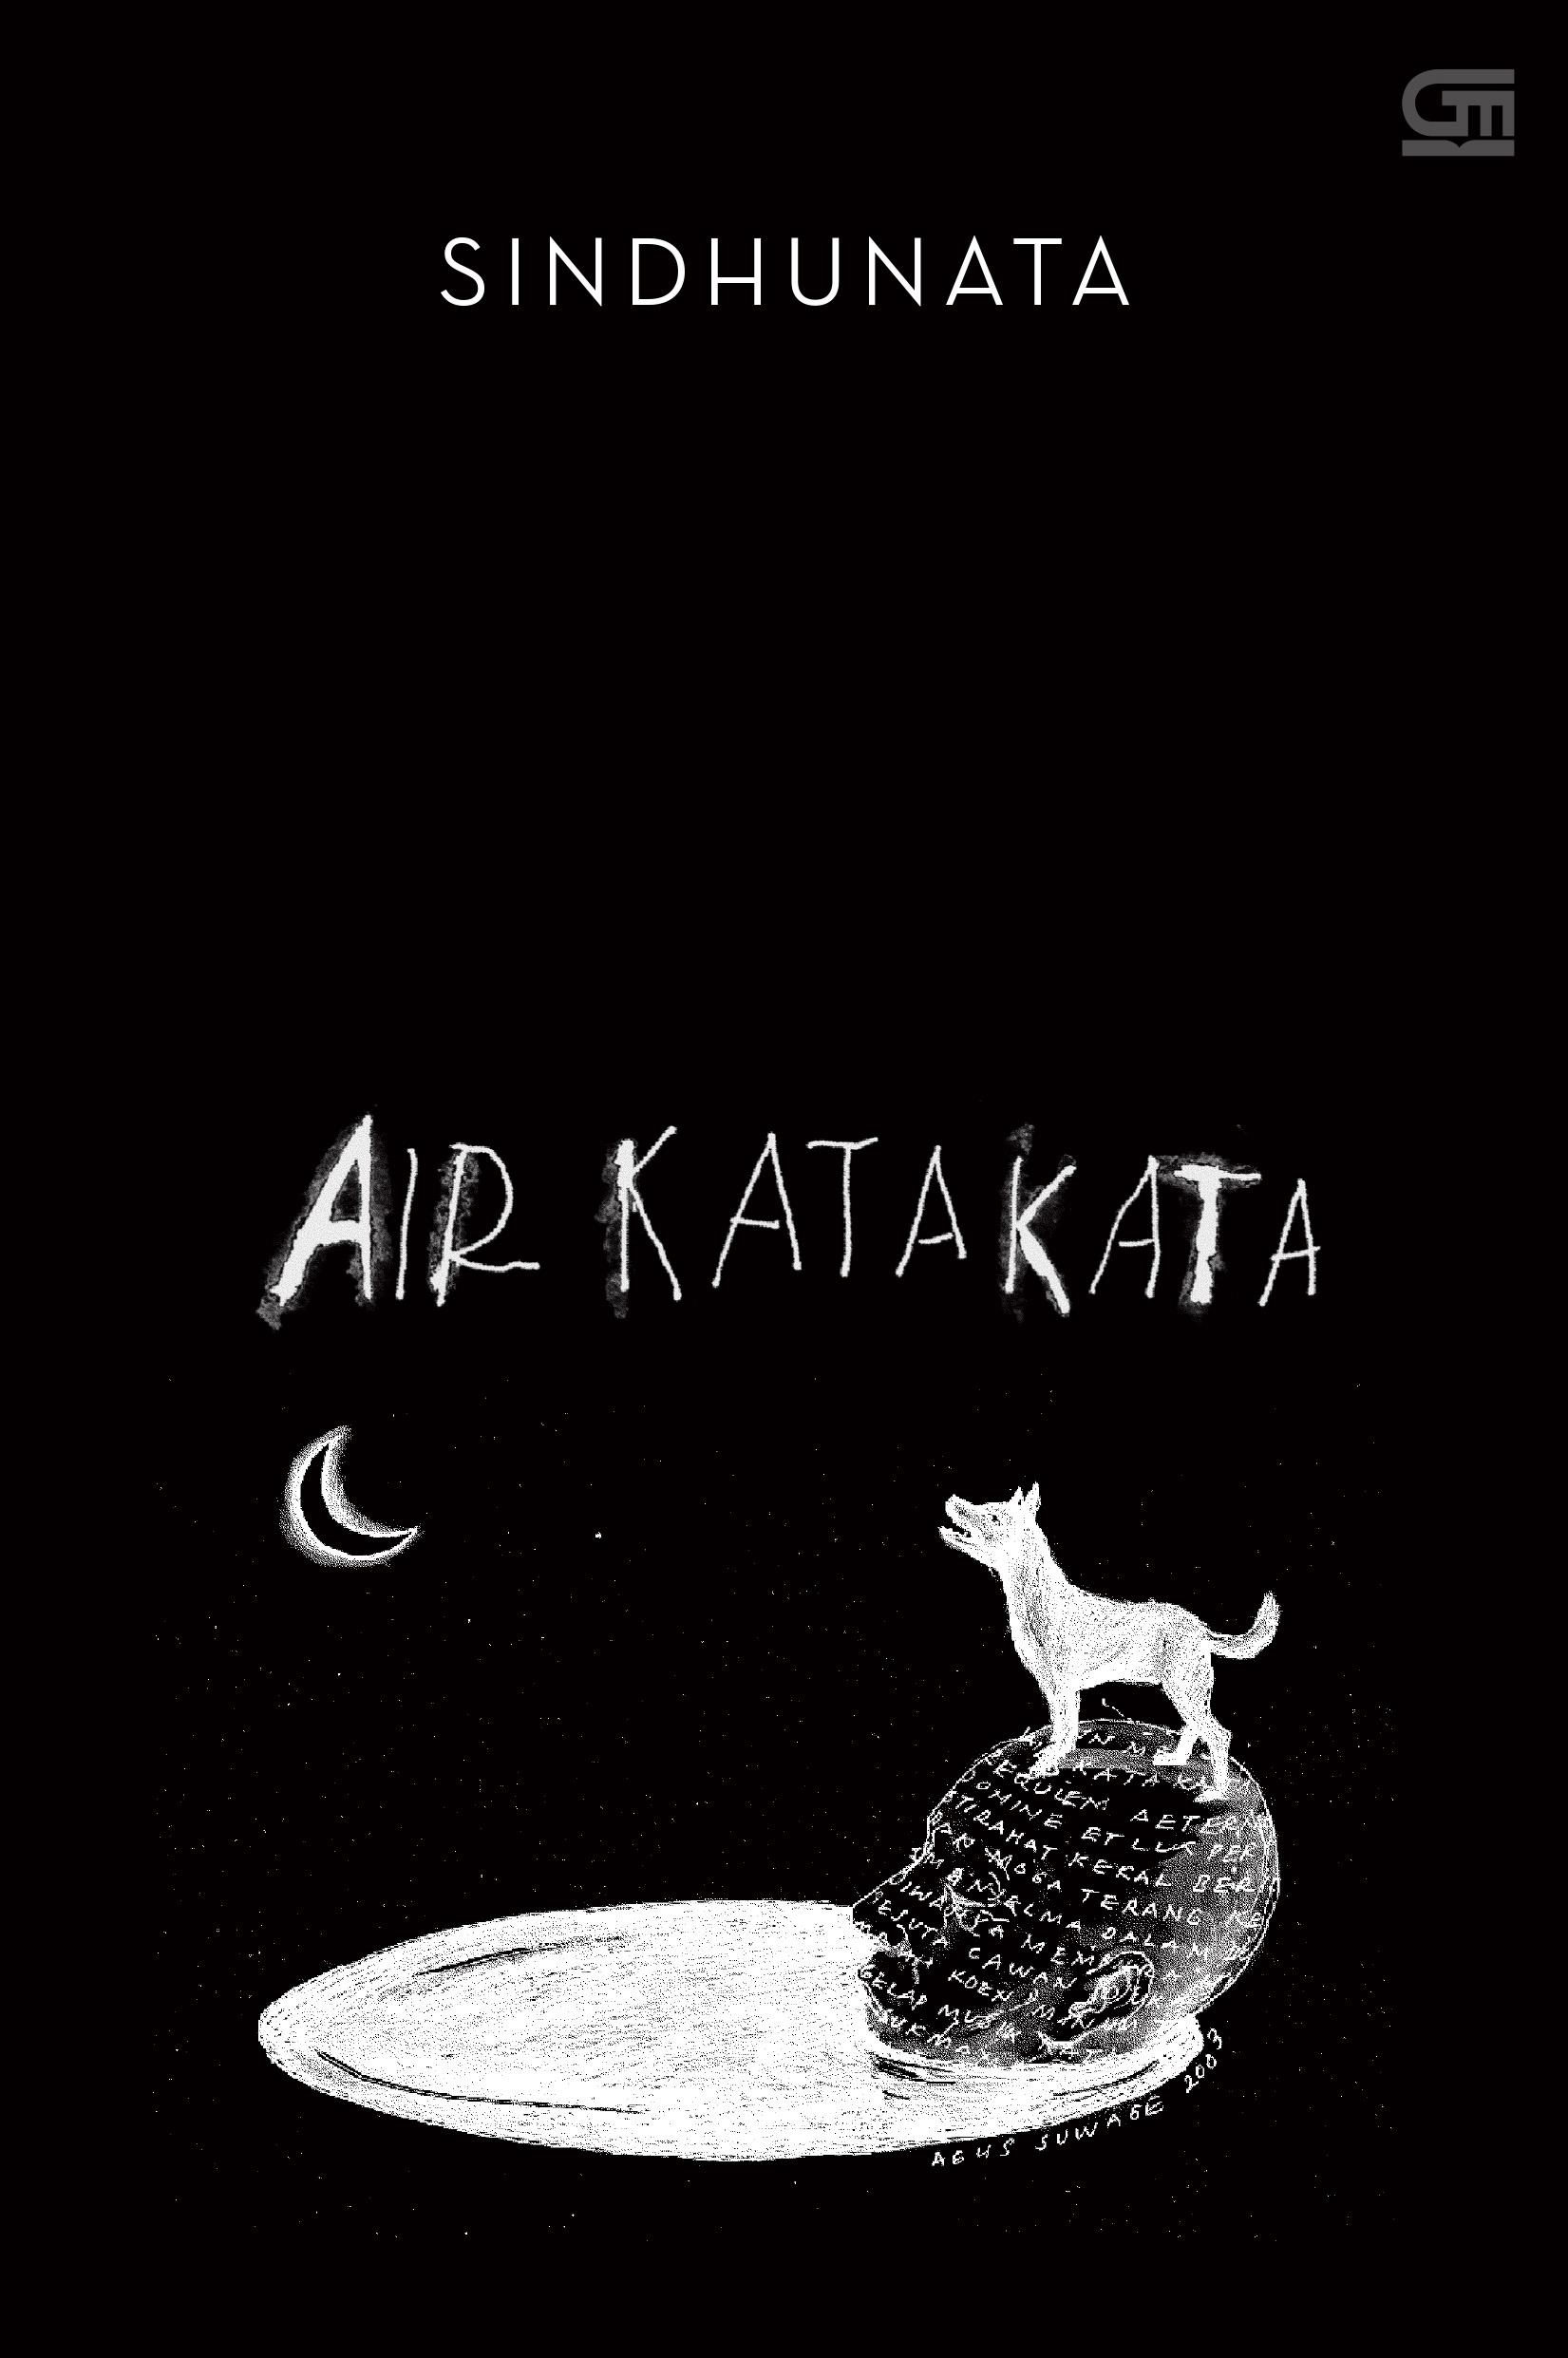 Air Kata Kata